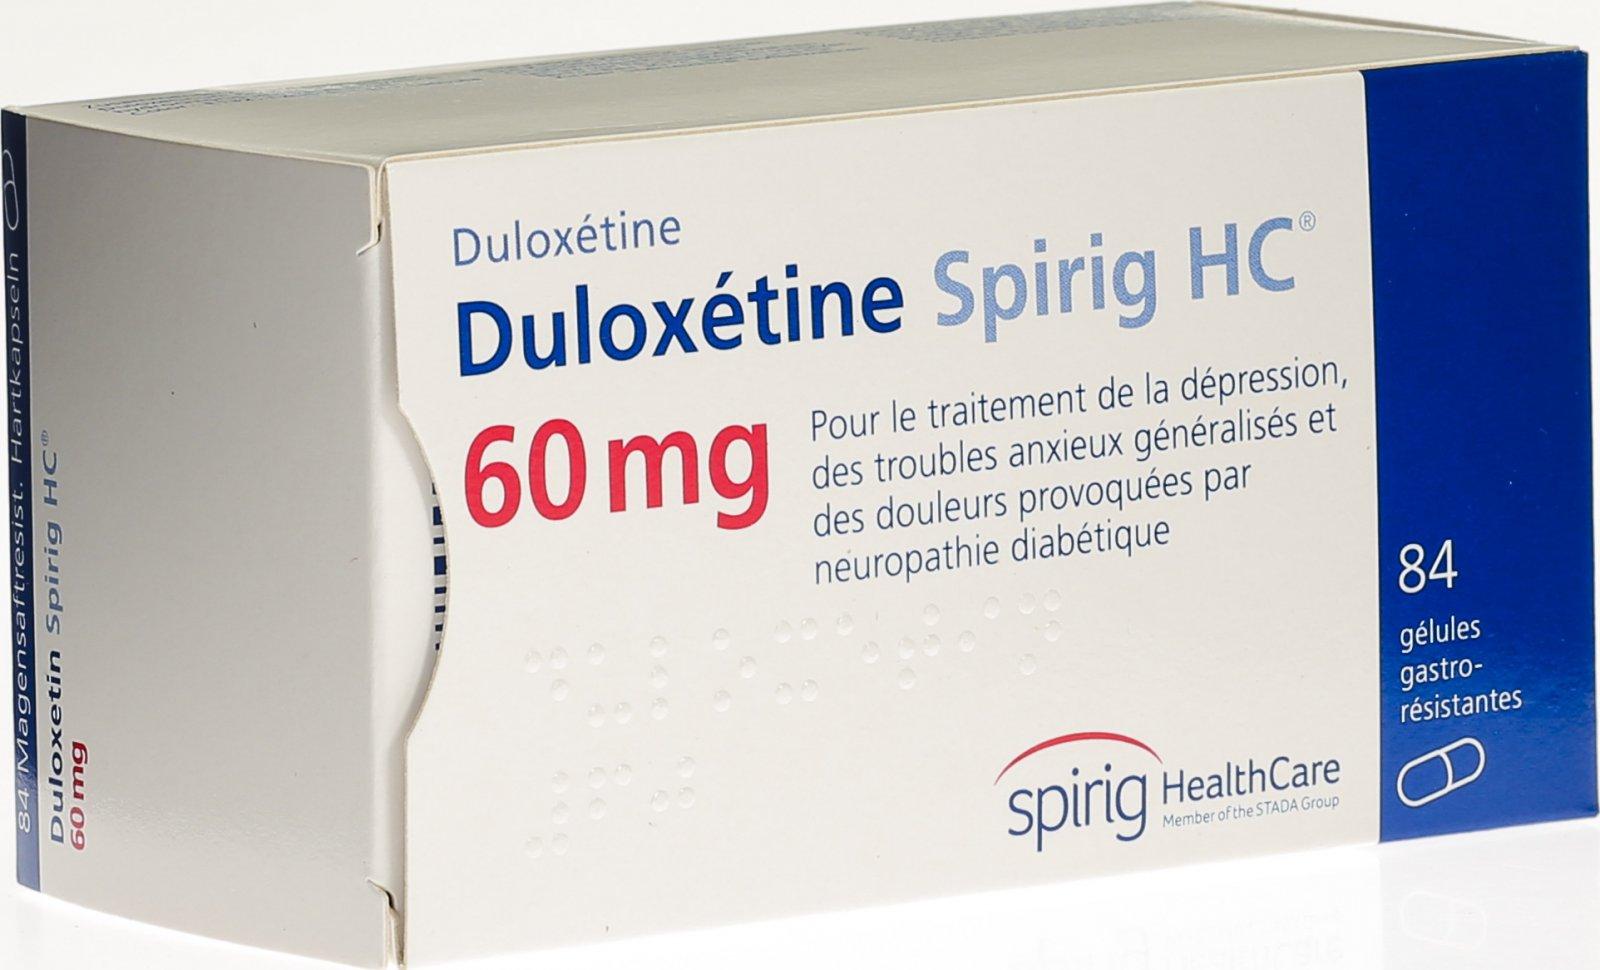 duloxetin nebenwirkungen